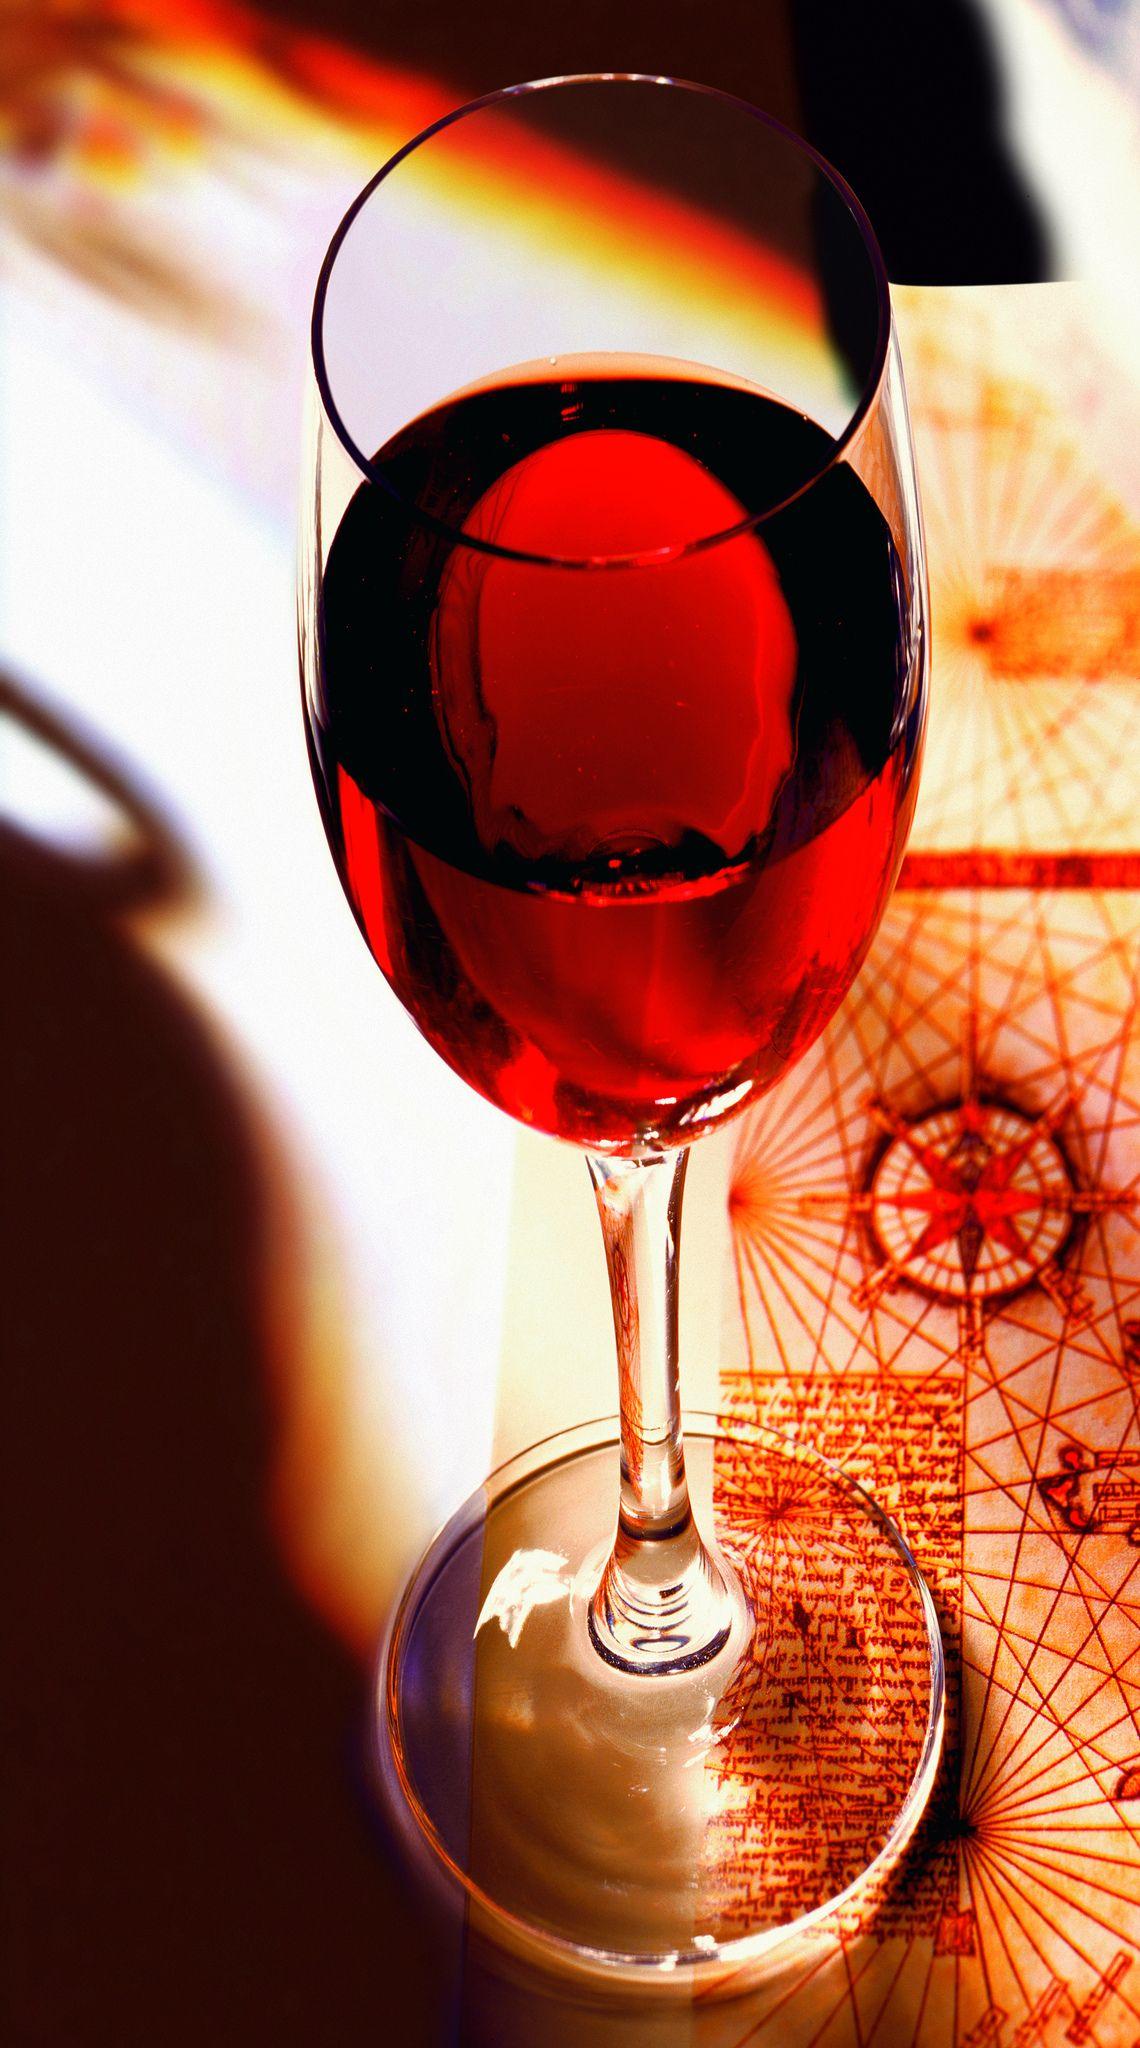 Port Wine Glass Vinhos E Queijos Tudo Sobre Vinhos Vinho Do Porto